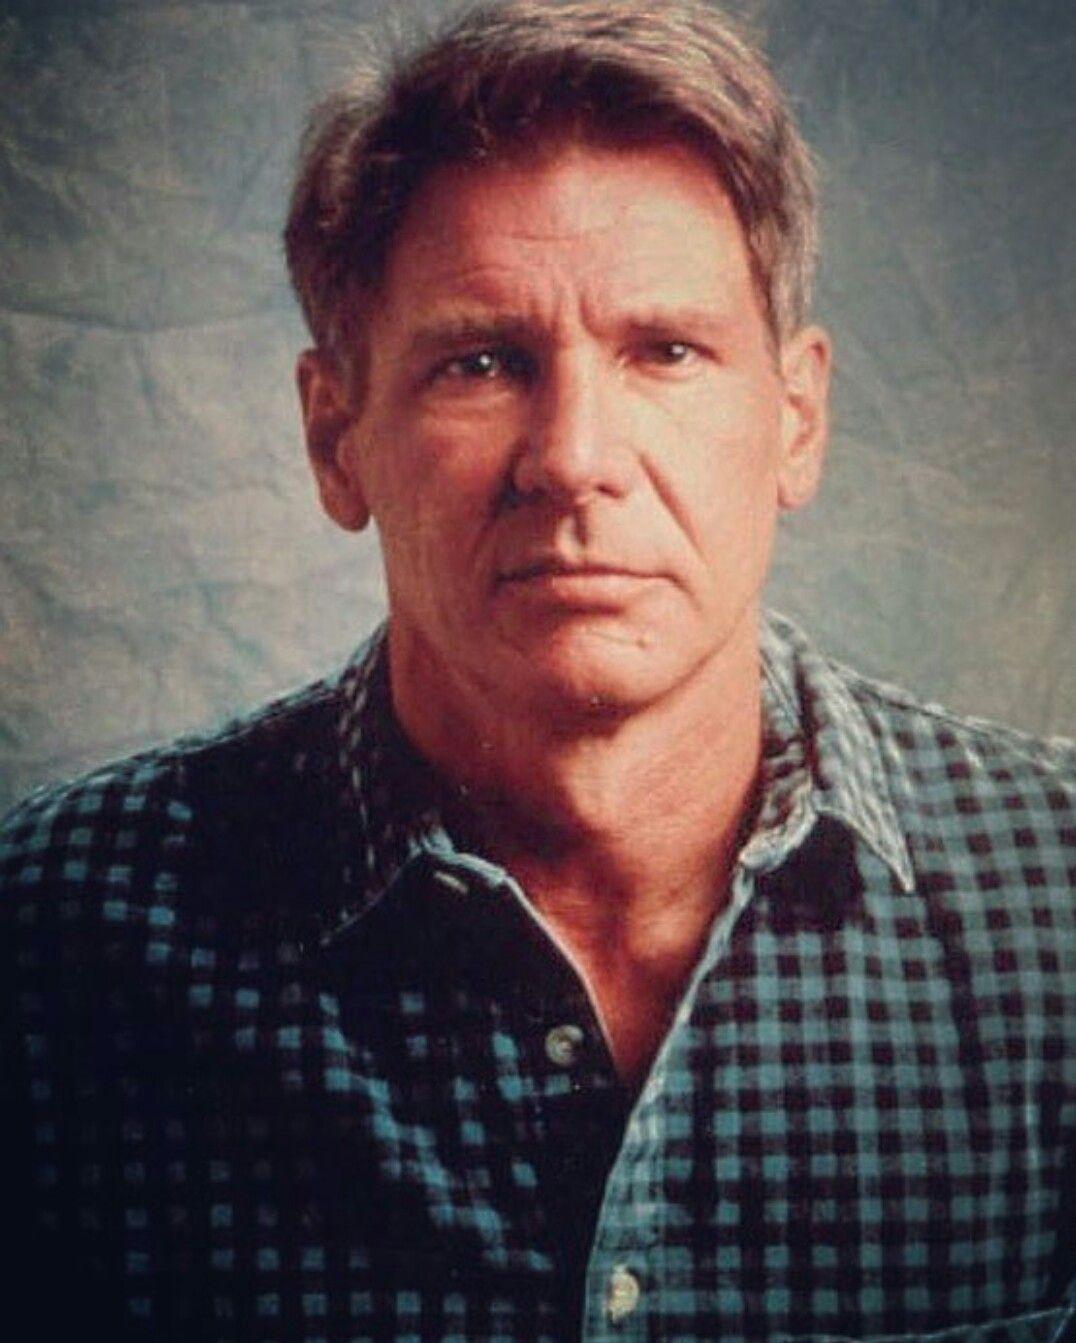 Harrison ford omg